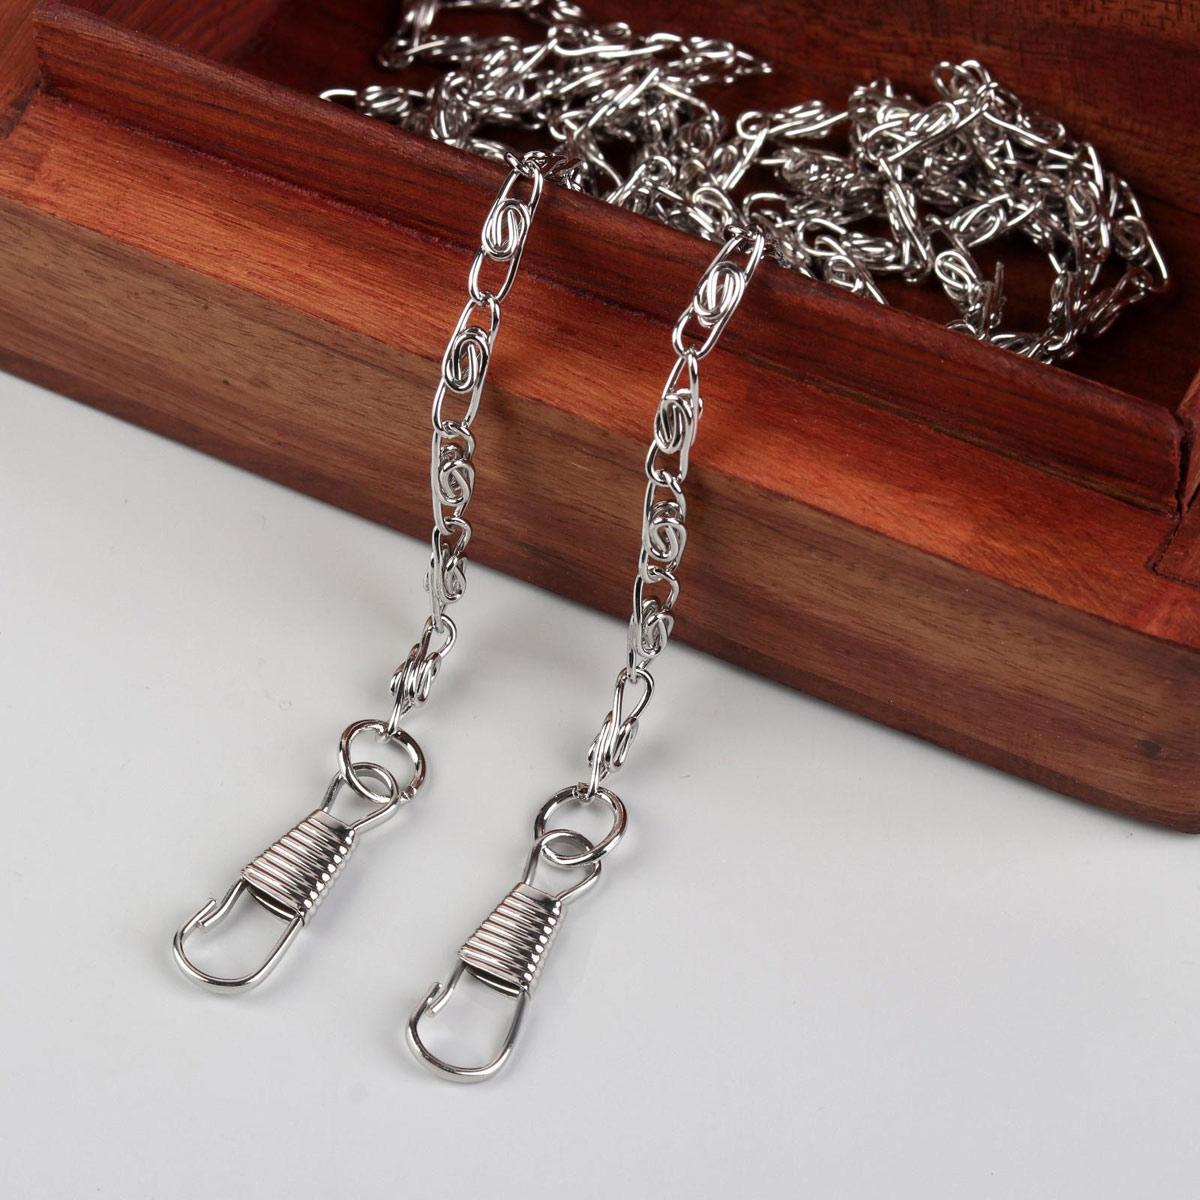 3636028 Цепочка для сумки с карабинами 120см 13*4мм серебряный